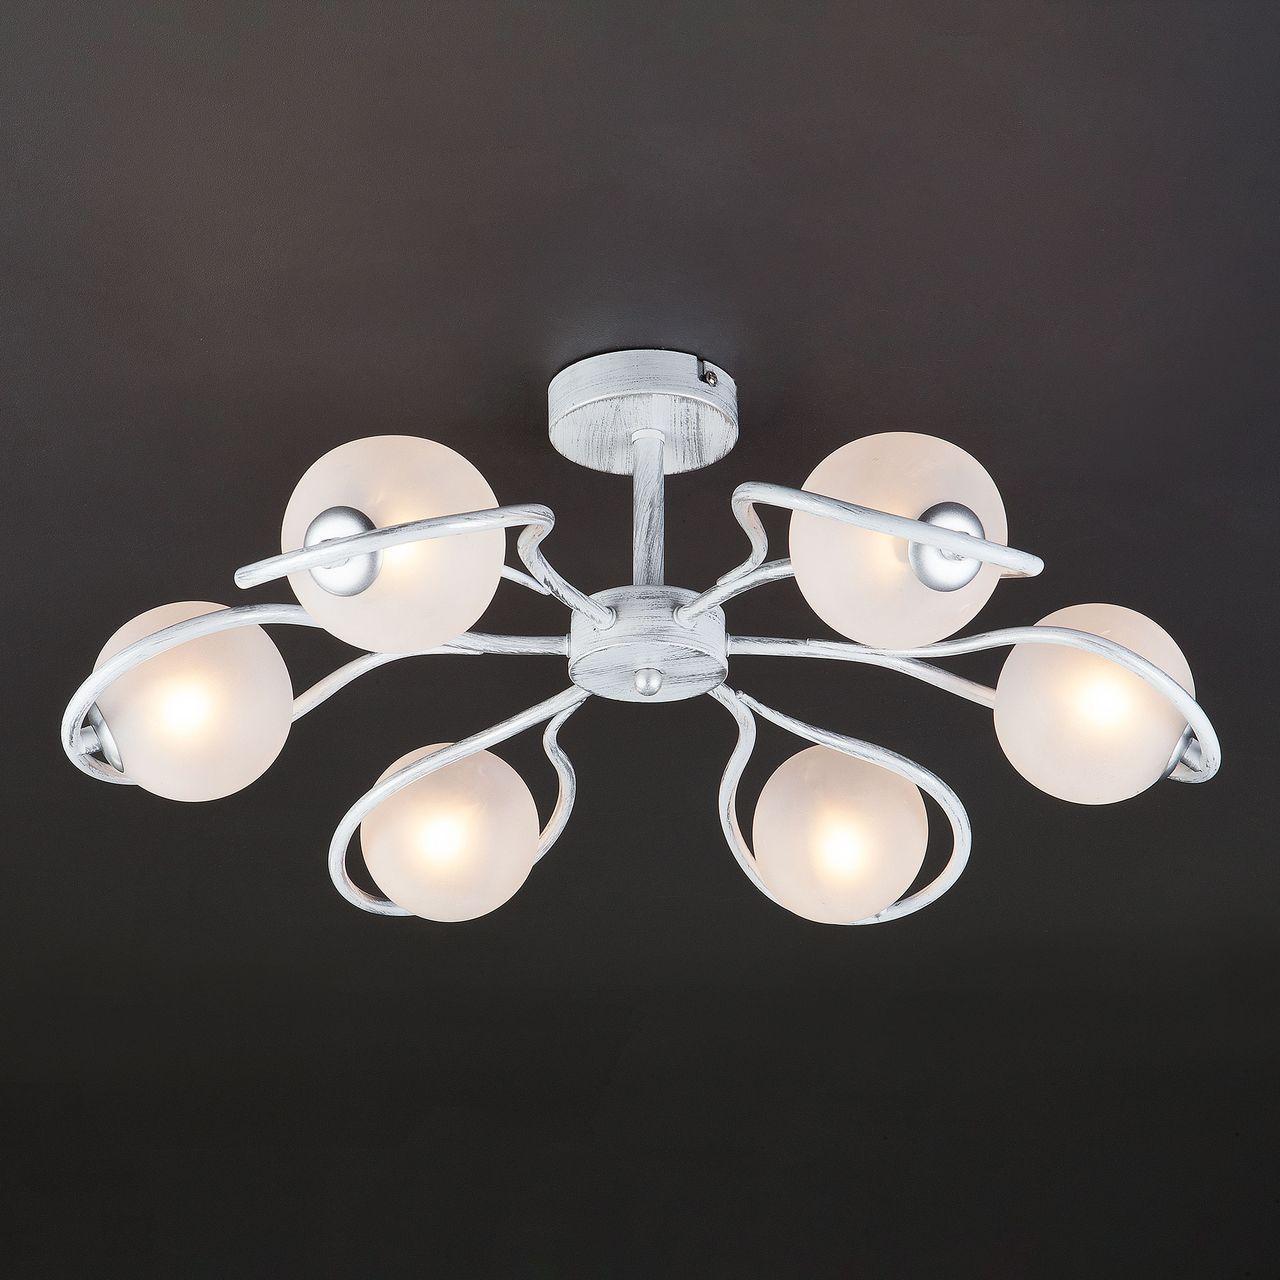 Люстра Eurosvet Camomile 70089/6 белый с серебром потолочная люстра eurosvet camomile 70089 6 белый с серебром